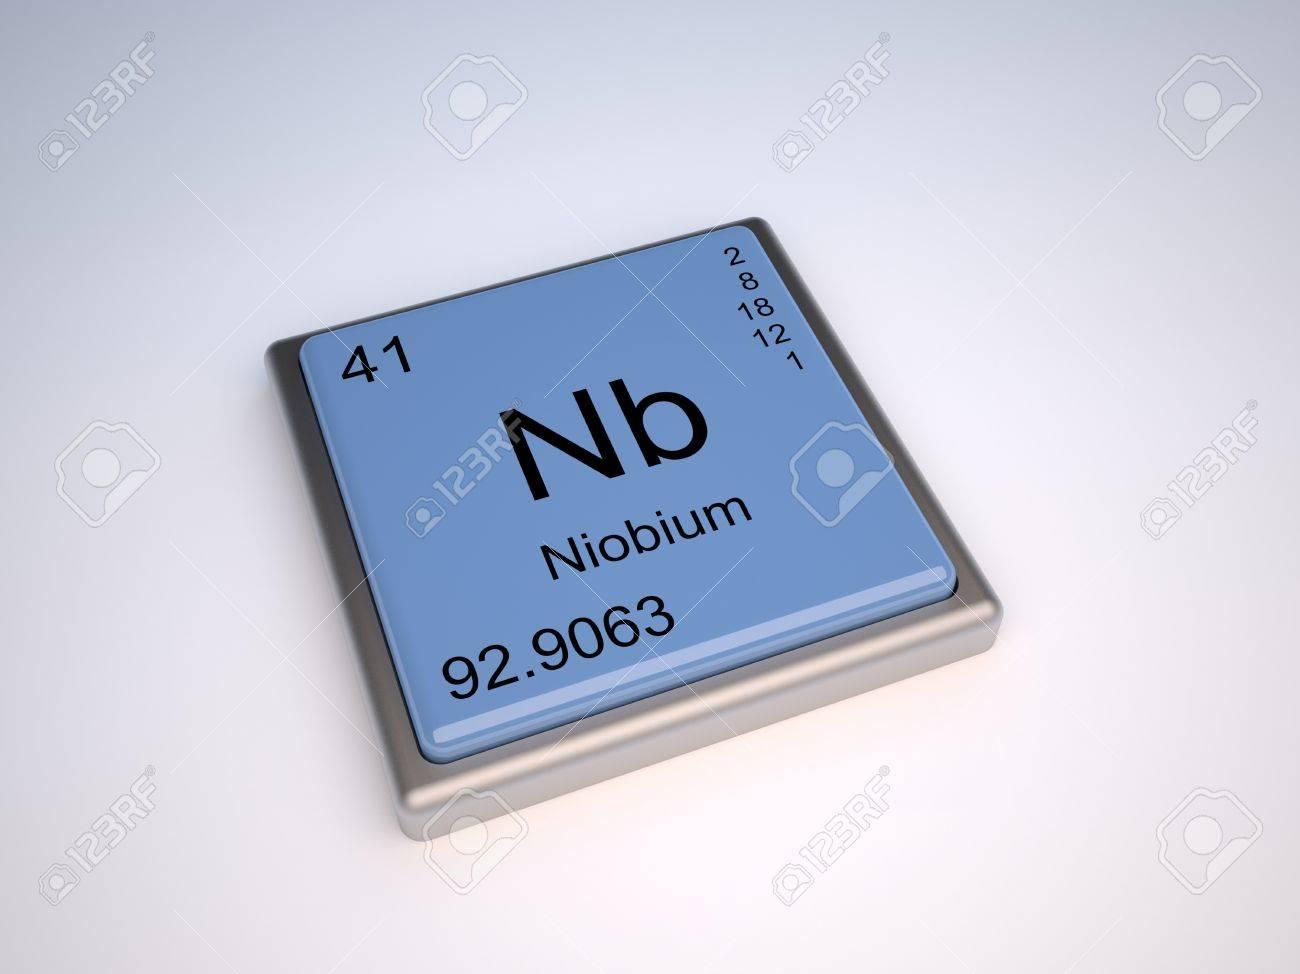 Elemento qumico de niobio de la tabla peridica con smbolo nb elemento qumico de niobio de la tabla peridica con smbolo nb foto de archivo 9257095 urtaz Gallery